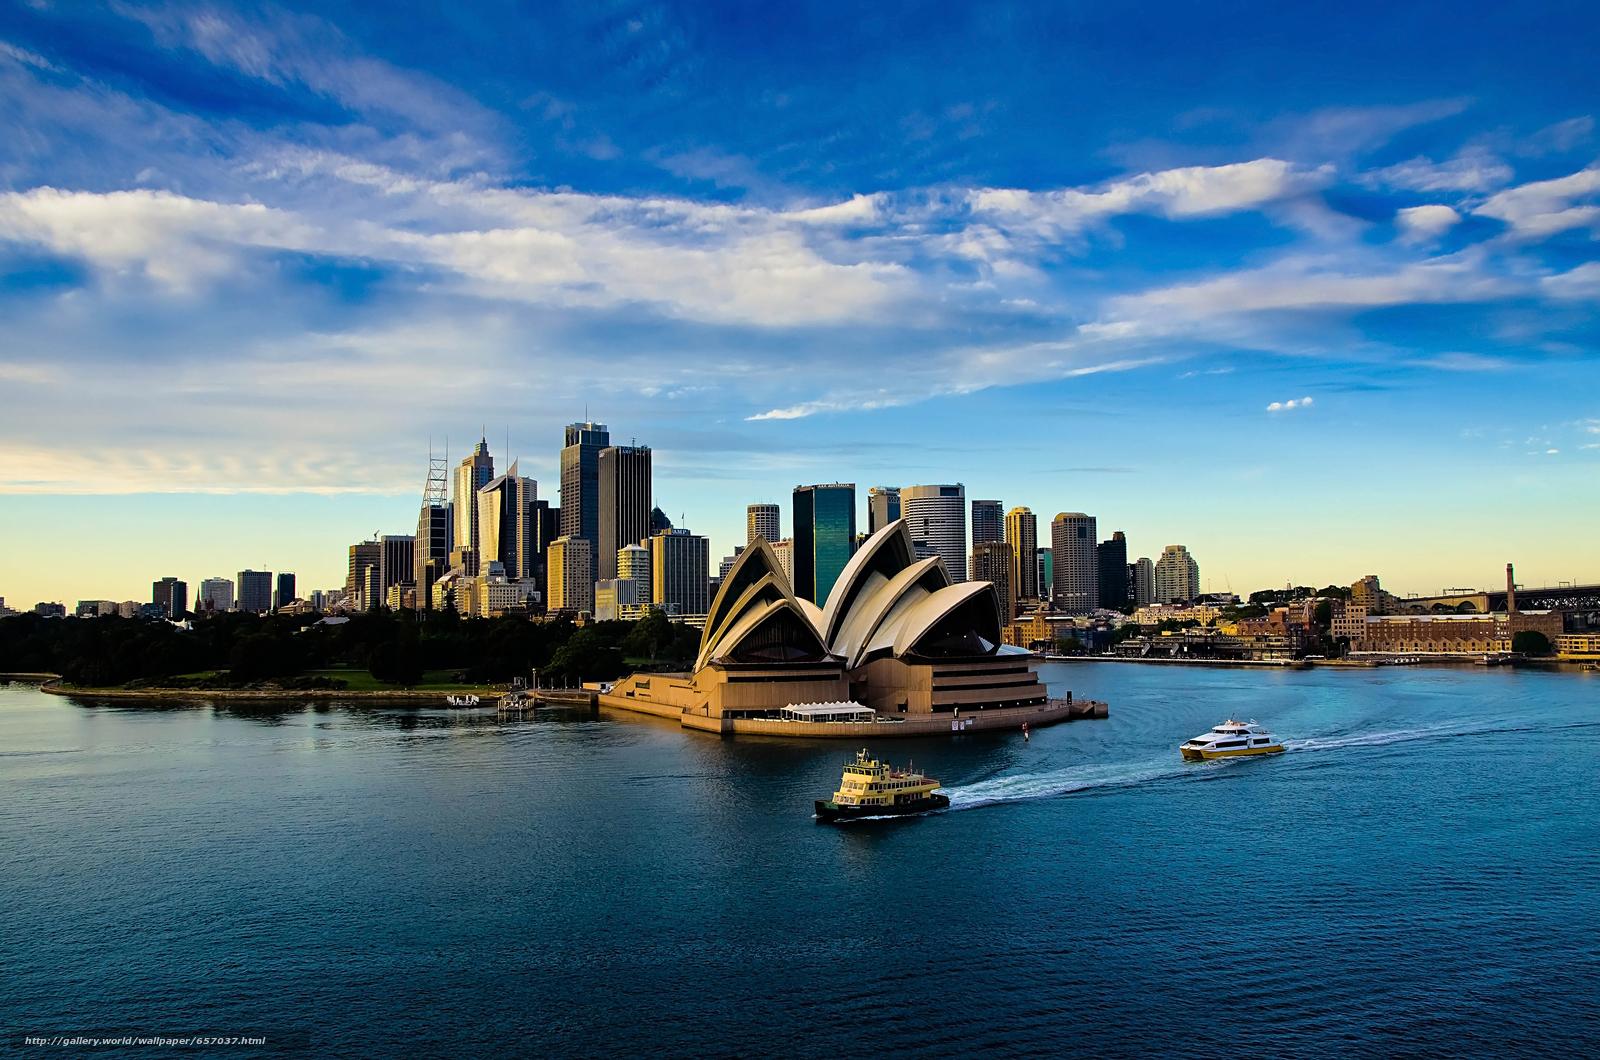 Скачать обои Sydney,  Australia,  Сидней,  Австралия бесплатно для рабочего стола в разрешении 4928x3264 — картинка №657037